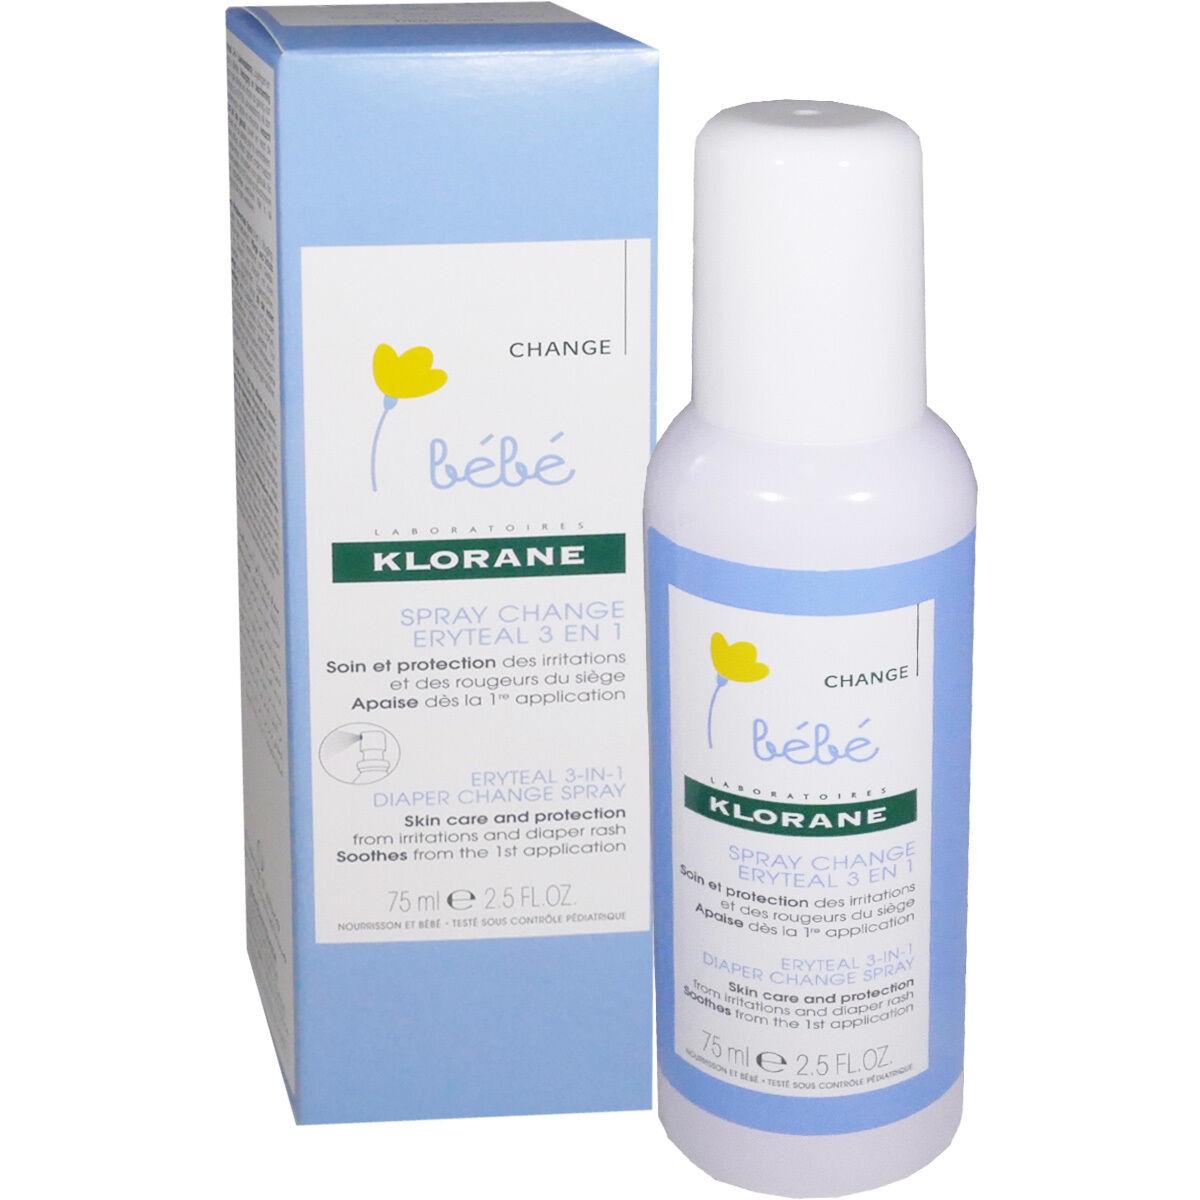 Klorane spray change eryteal 3 en 1 75 ml